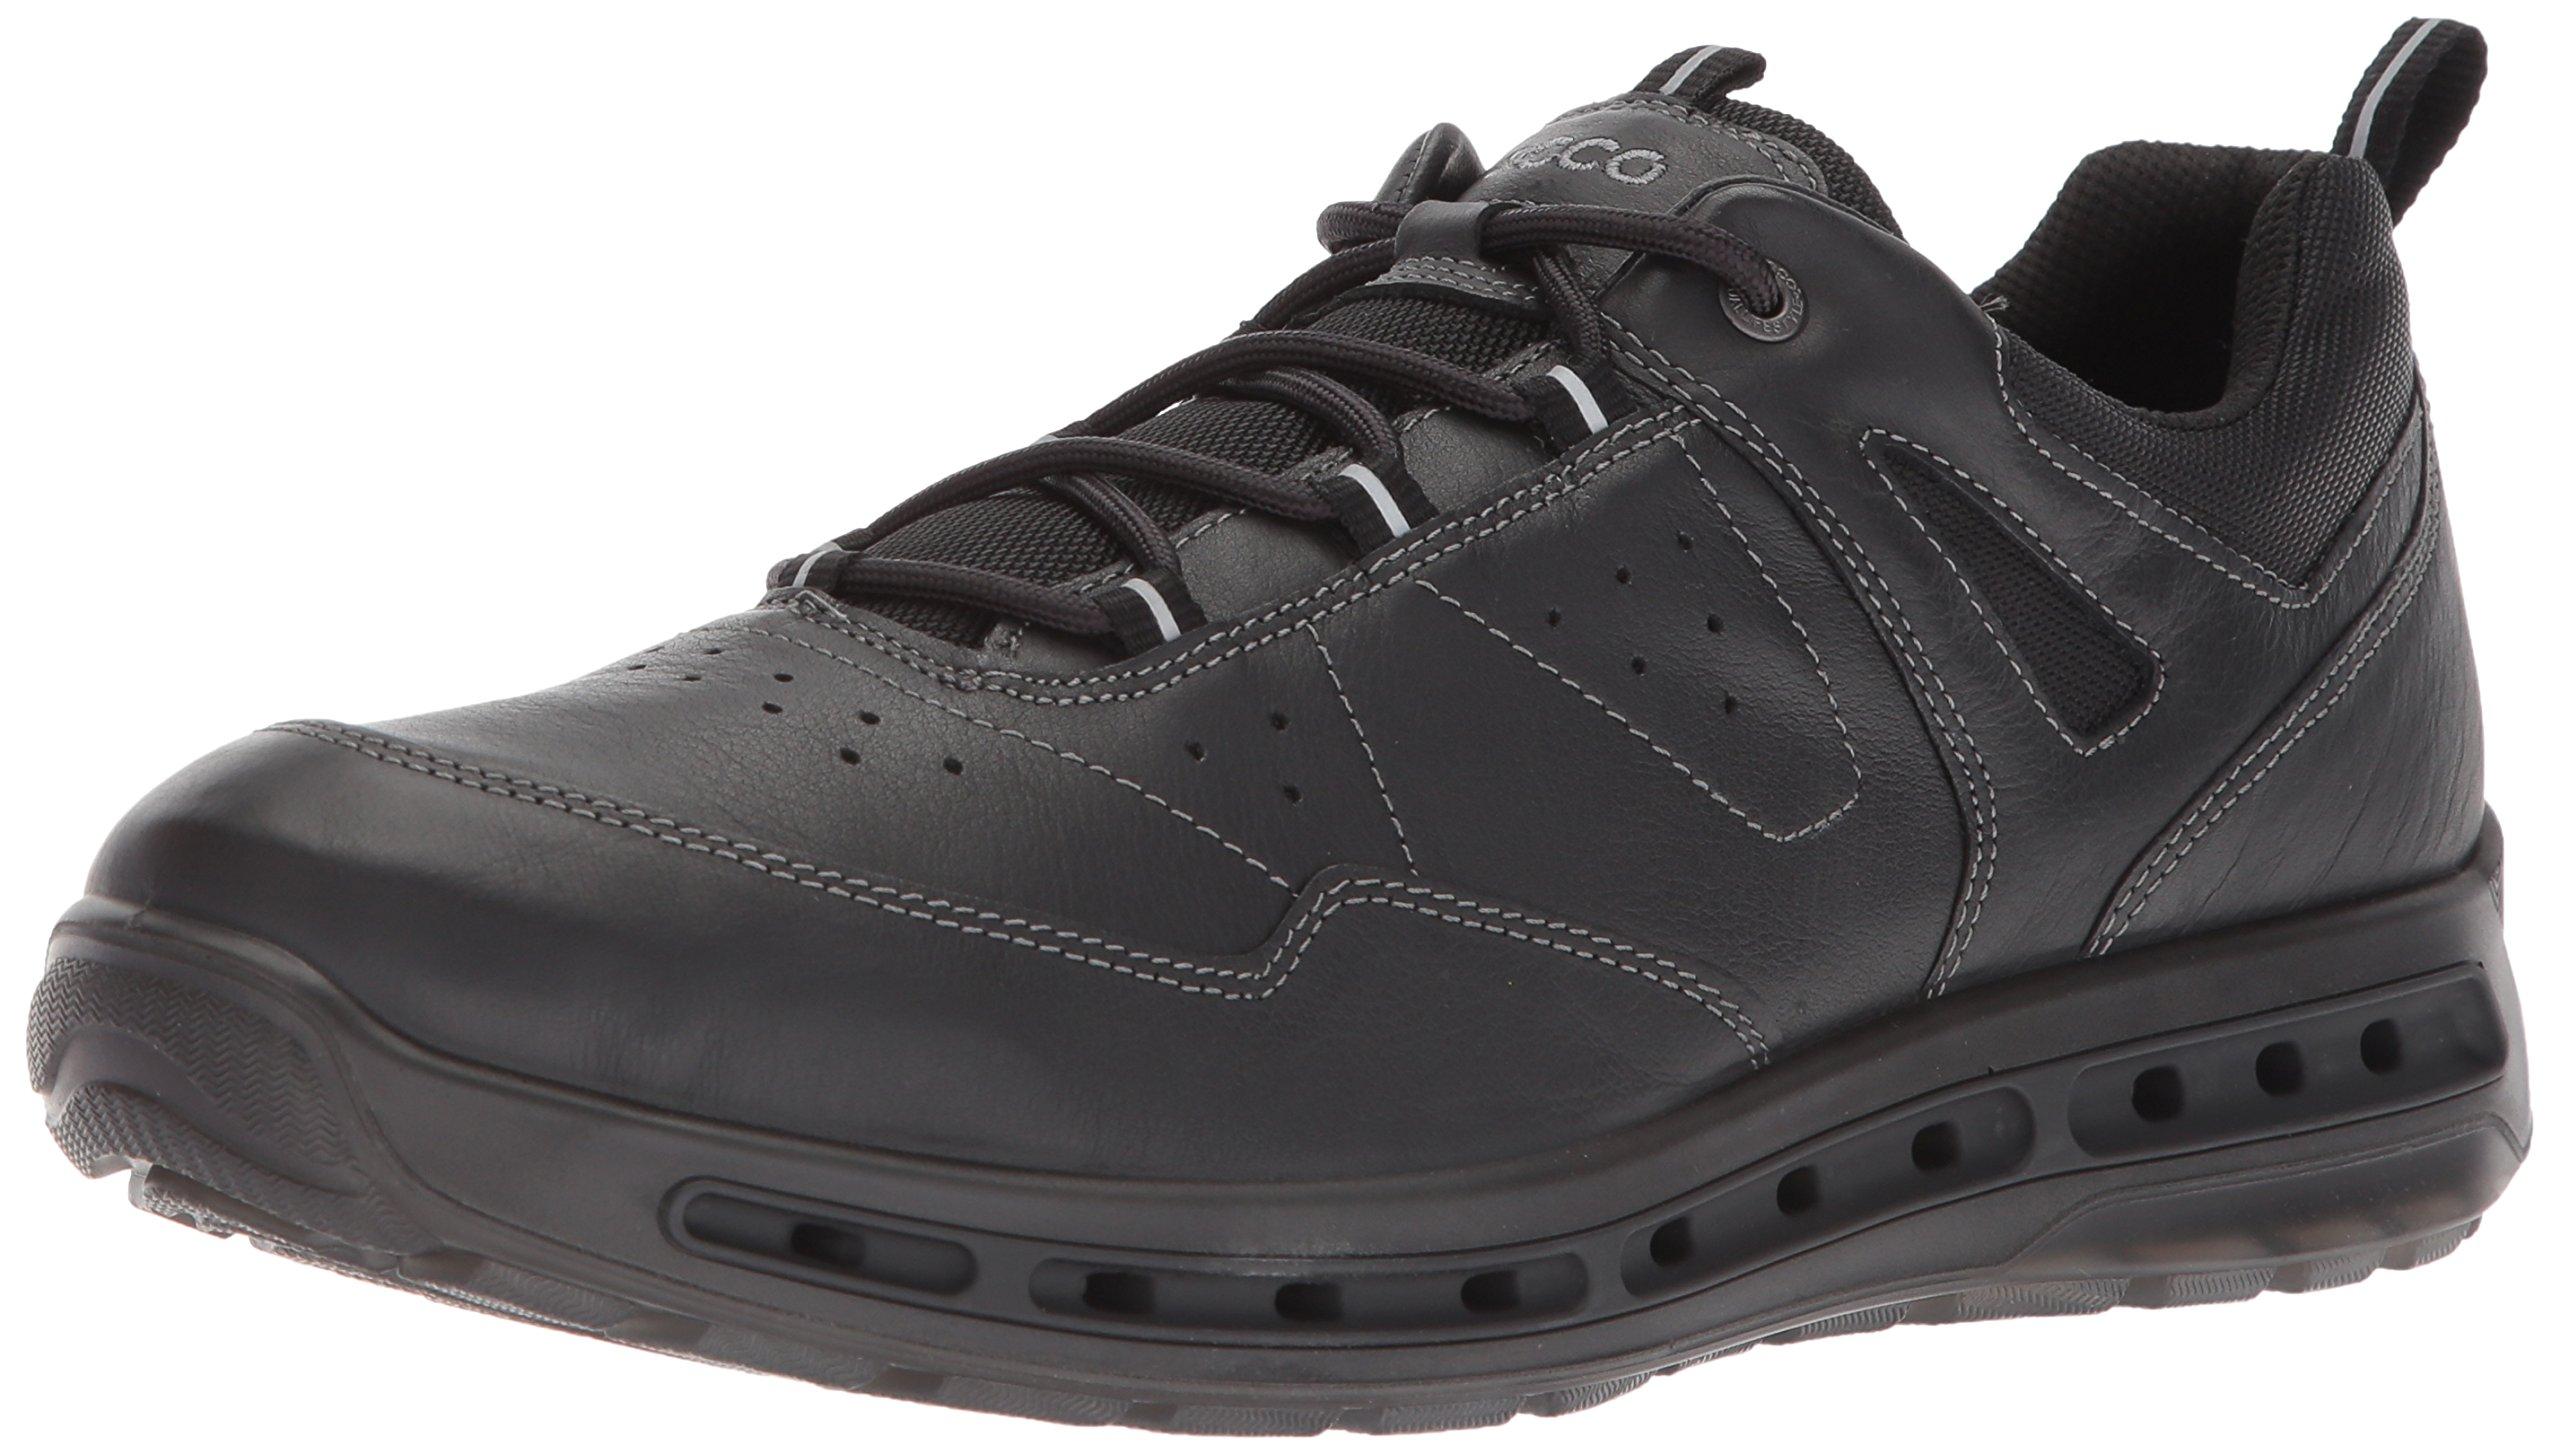 ECCO Men's Cool Walk Gore-Tex Hiking Shoe